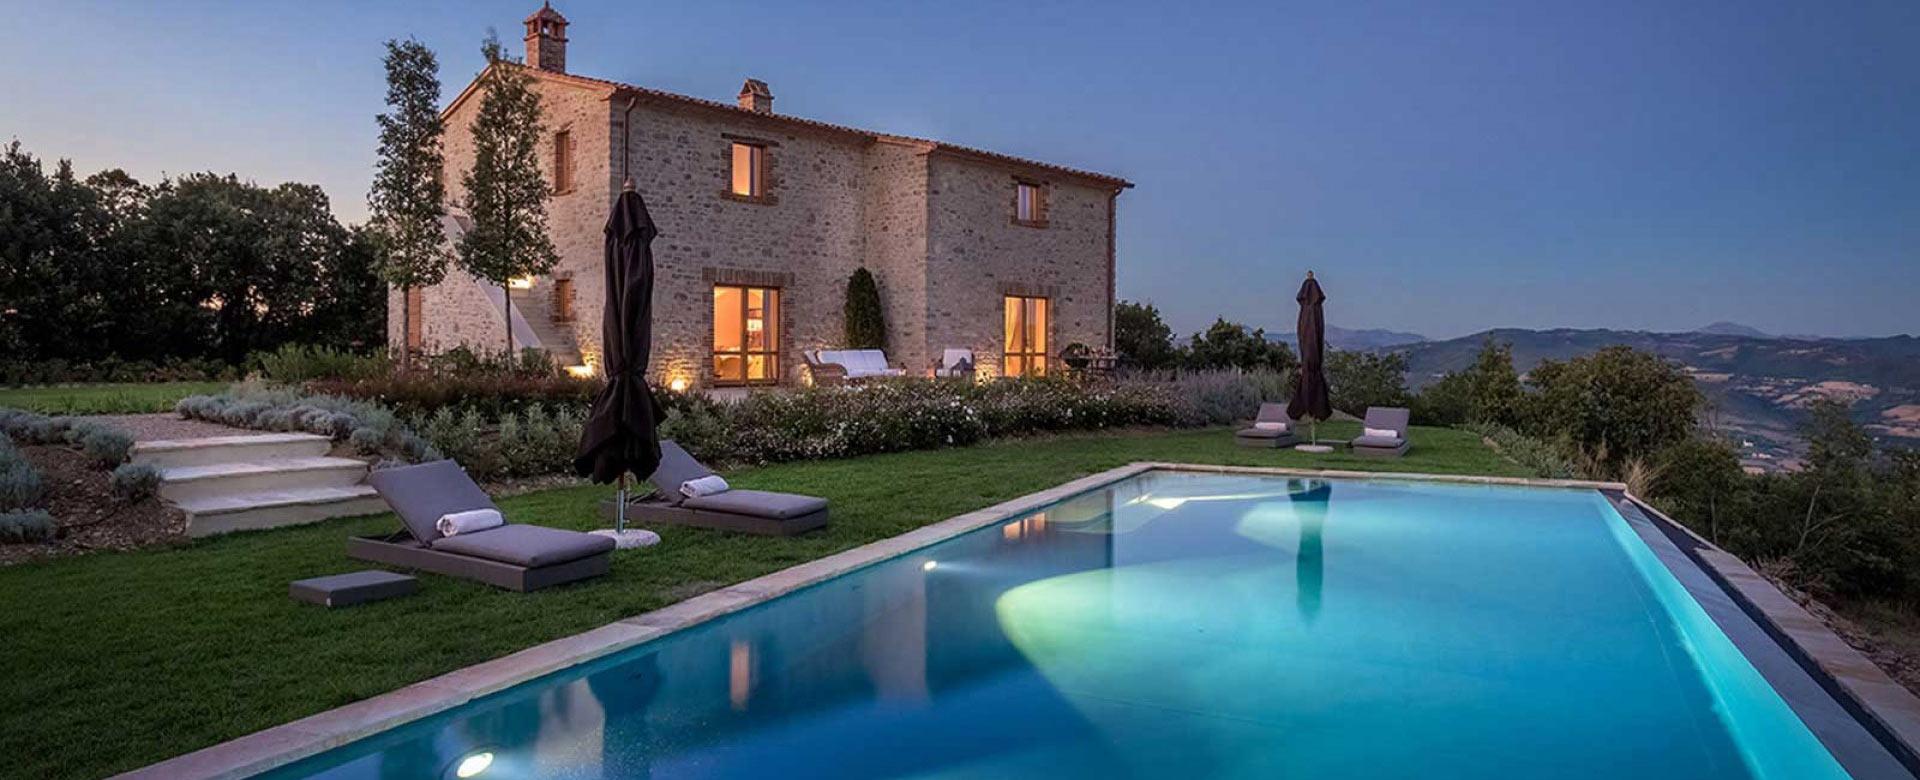 Location de villa de luxe en toscane villanovo for Location villa